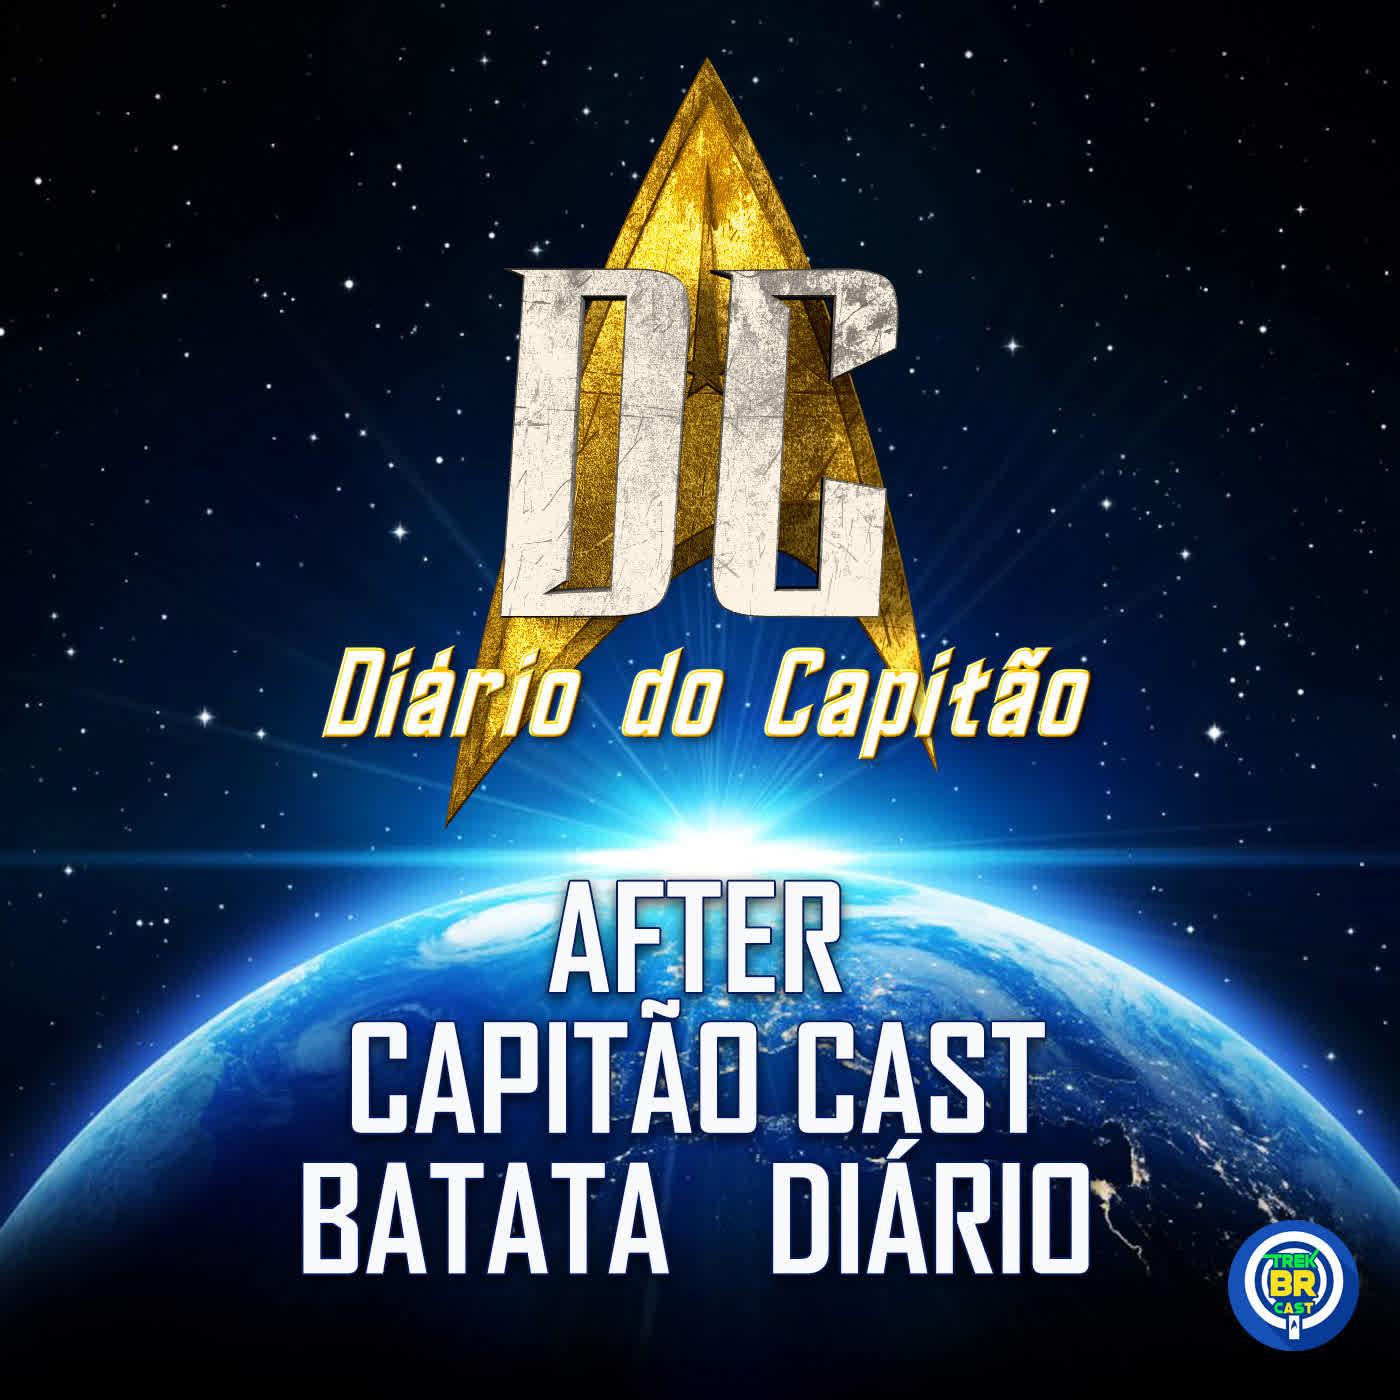 Diário do Capitão